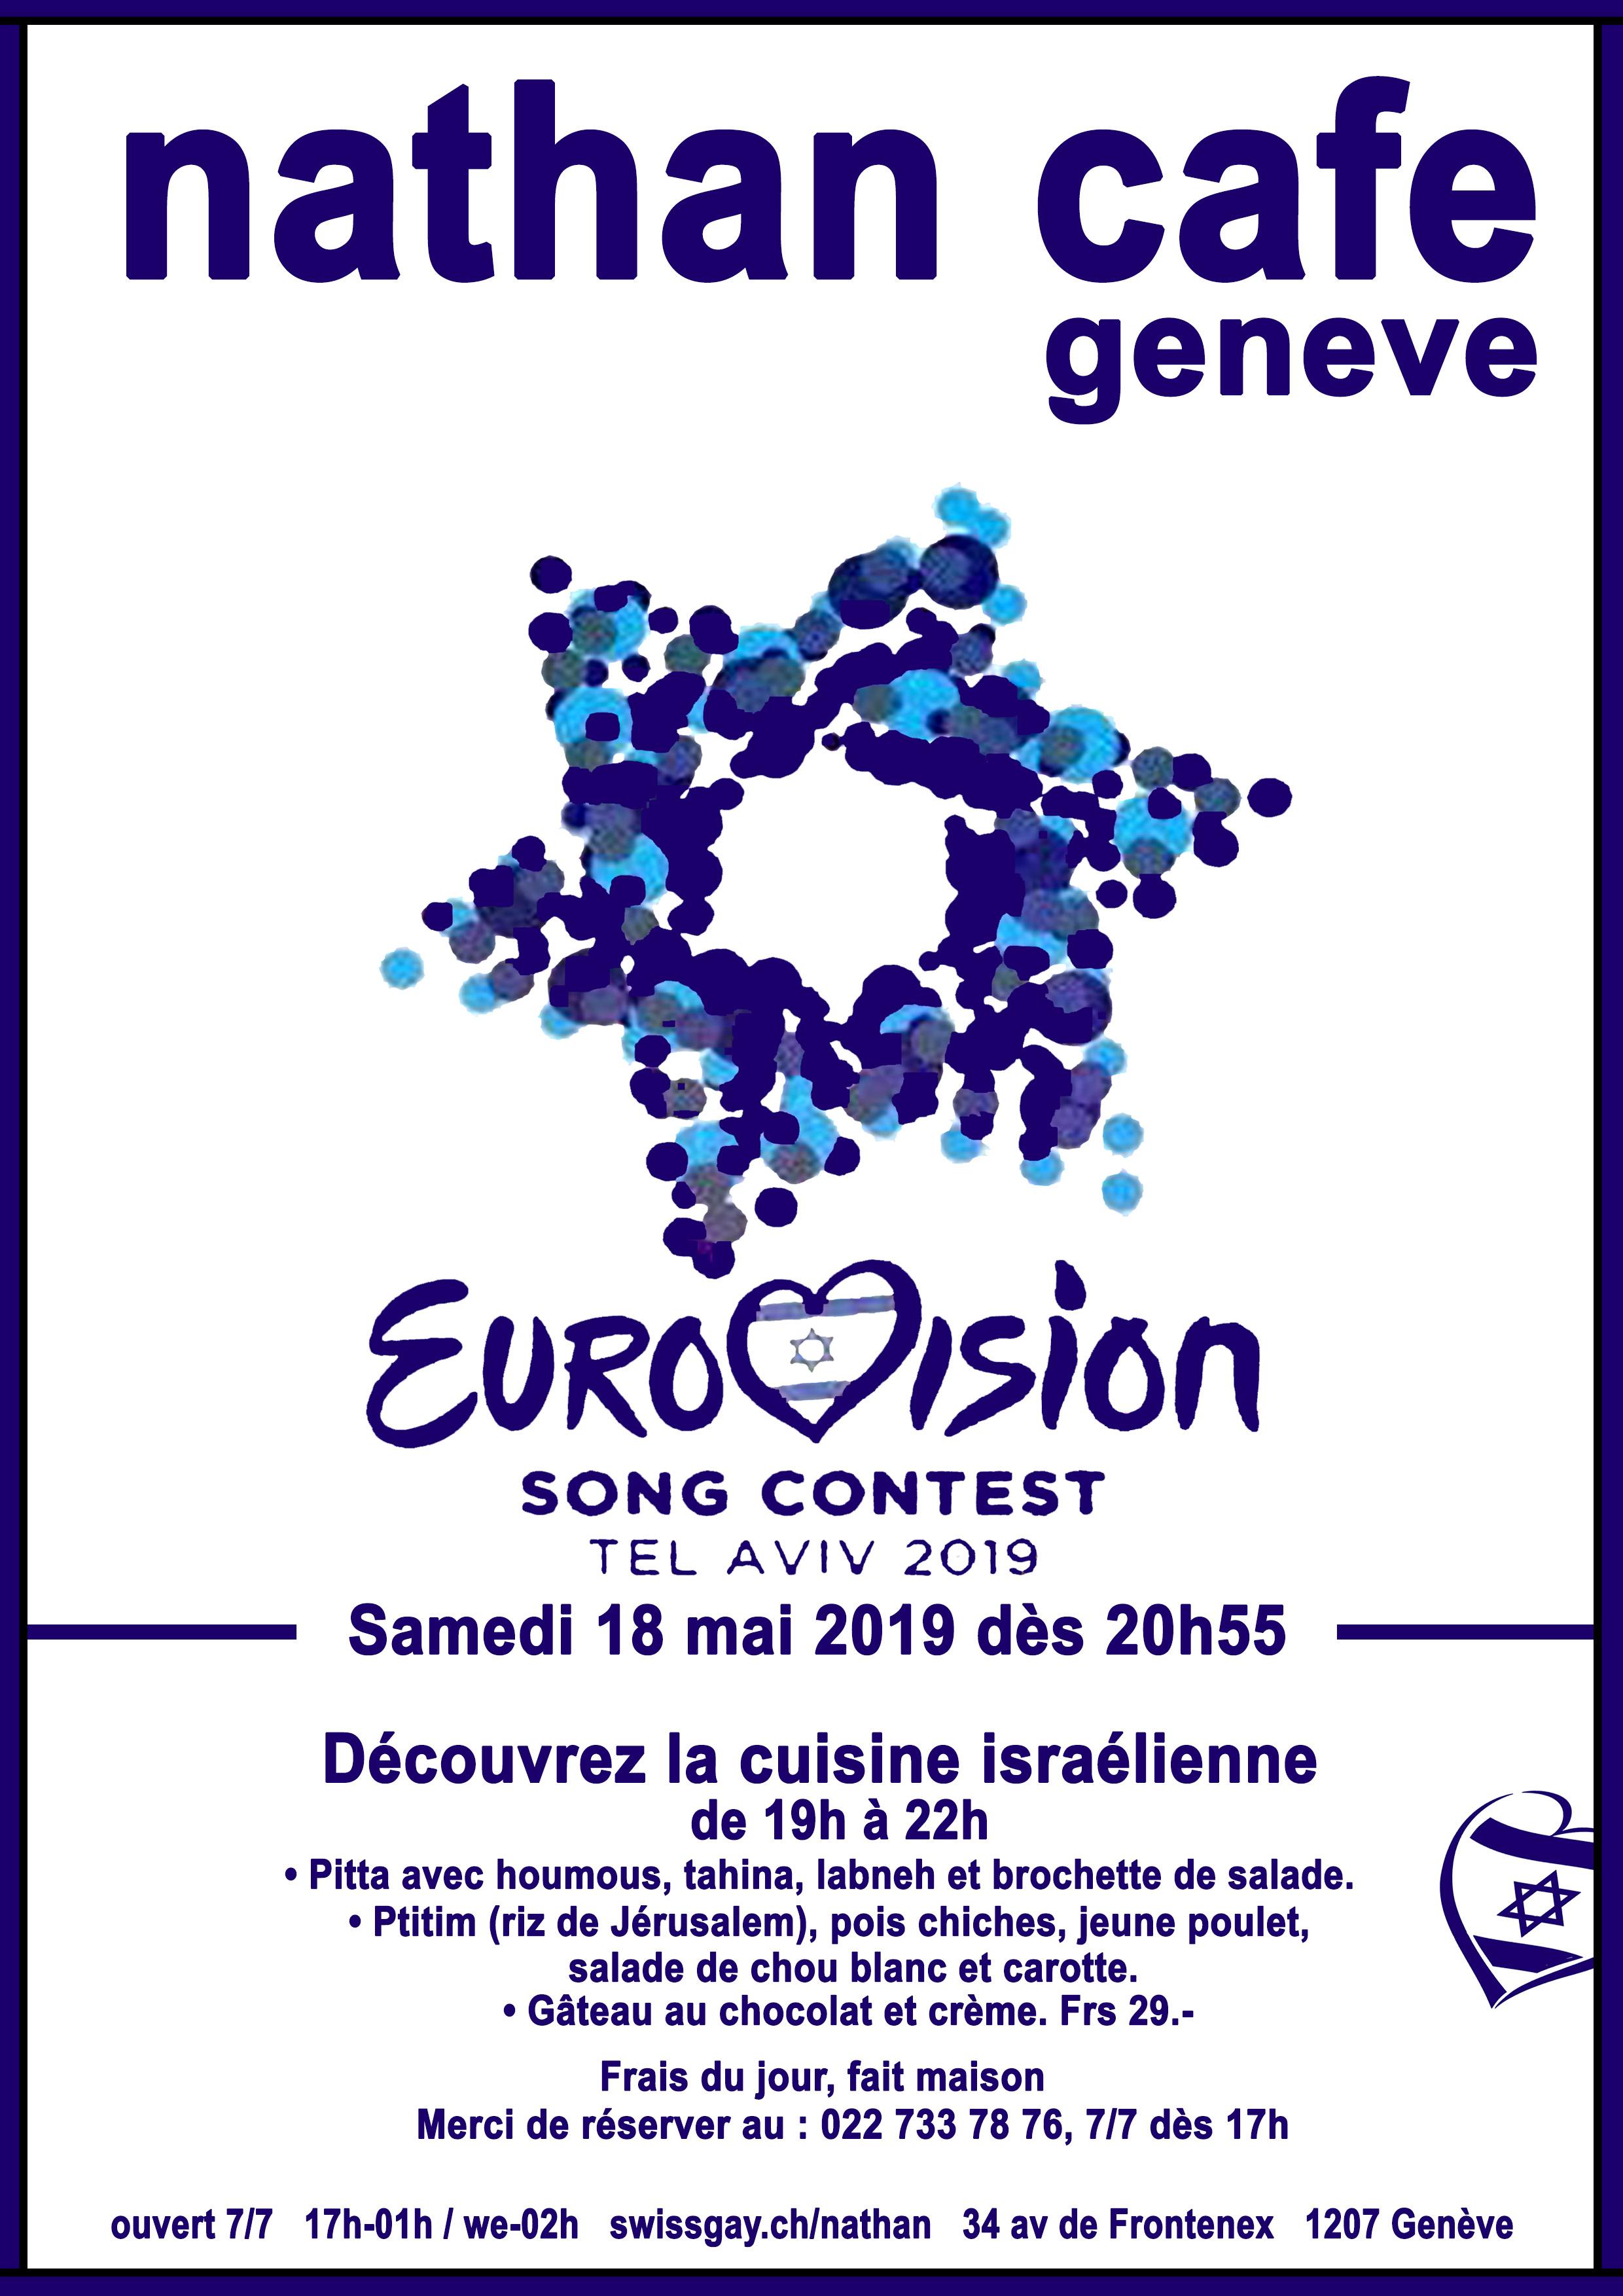 Nathan Café Genève - 18 mai 2019 : Eurovision 2019 et repas israélien